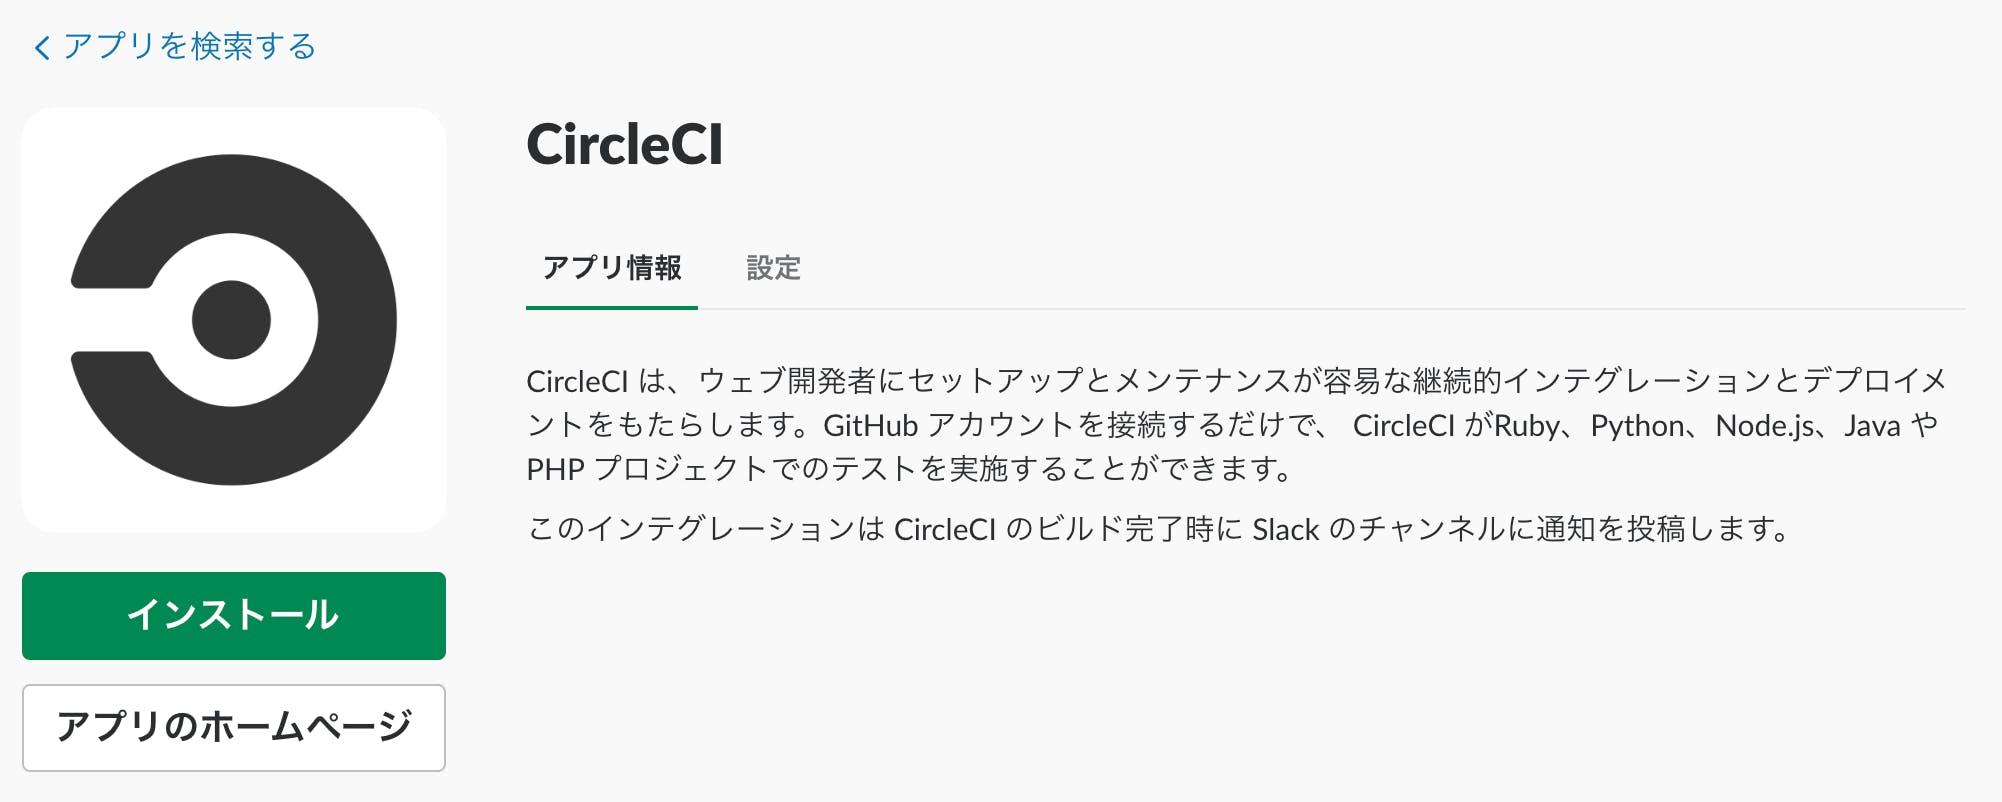 スクリーンショット 2018-12-01 18.10.53.png